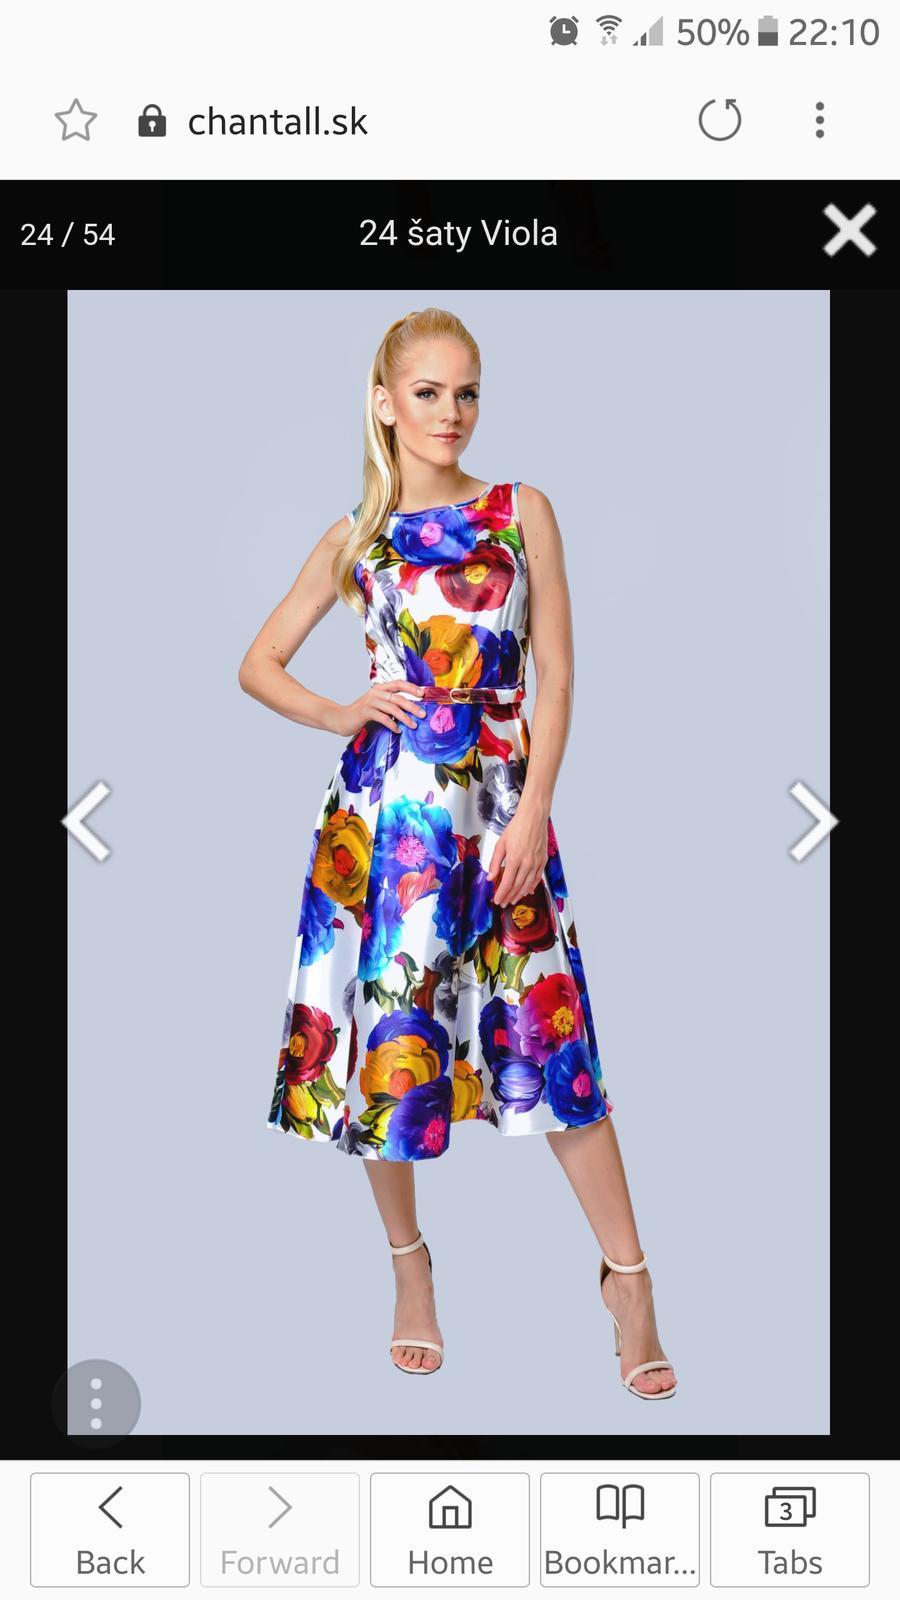 šaty chantall - kolekcia máj 2018 - Obrázok č. 2